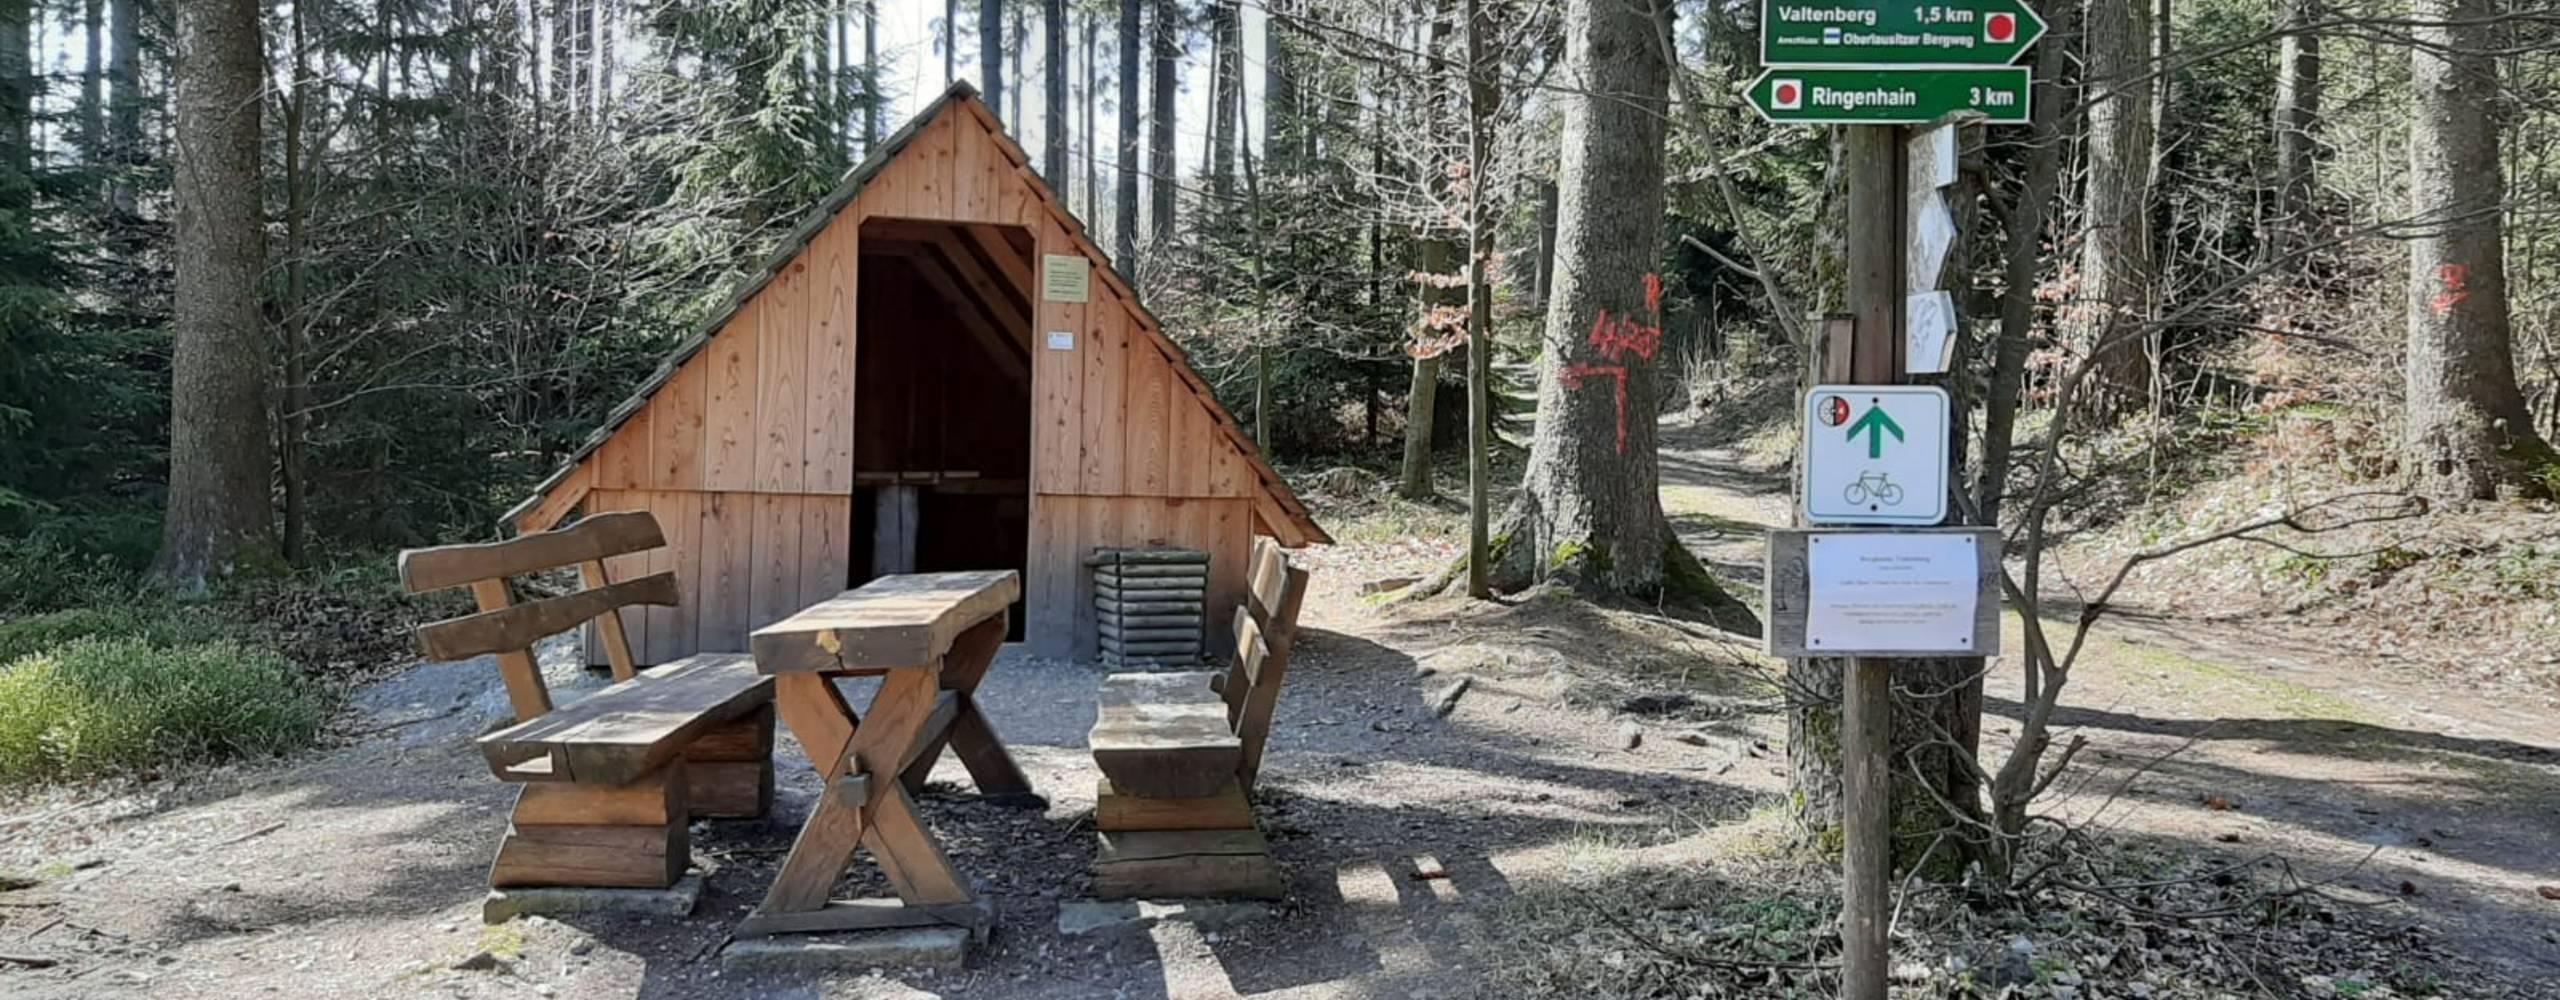 schutzhütte 2 ©Schutzhütte auf dem Weg zum Valtenberg Fotograf: Gemeindeverwaltung Neukirch/Lausitz